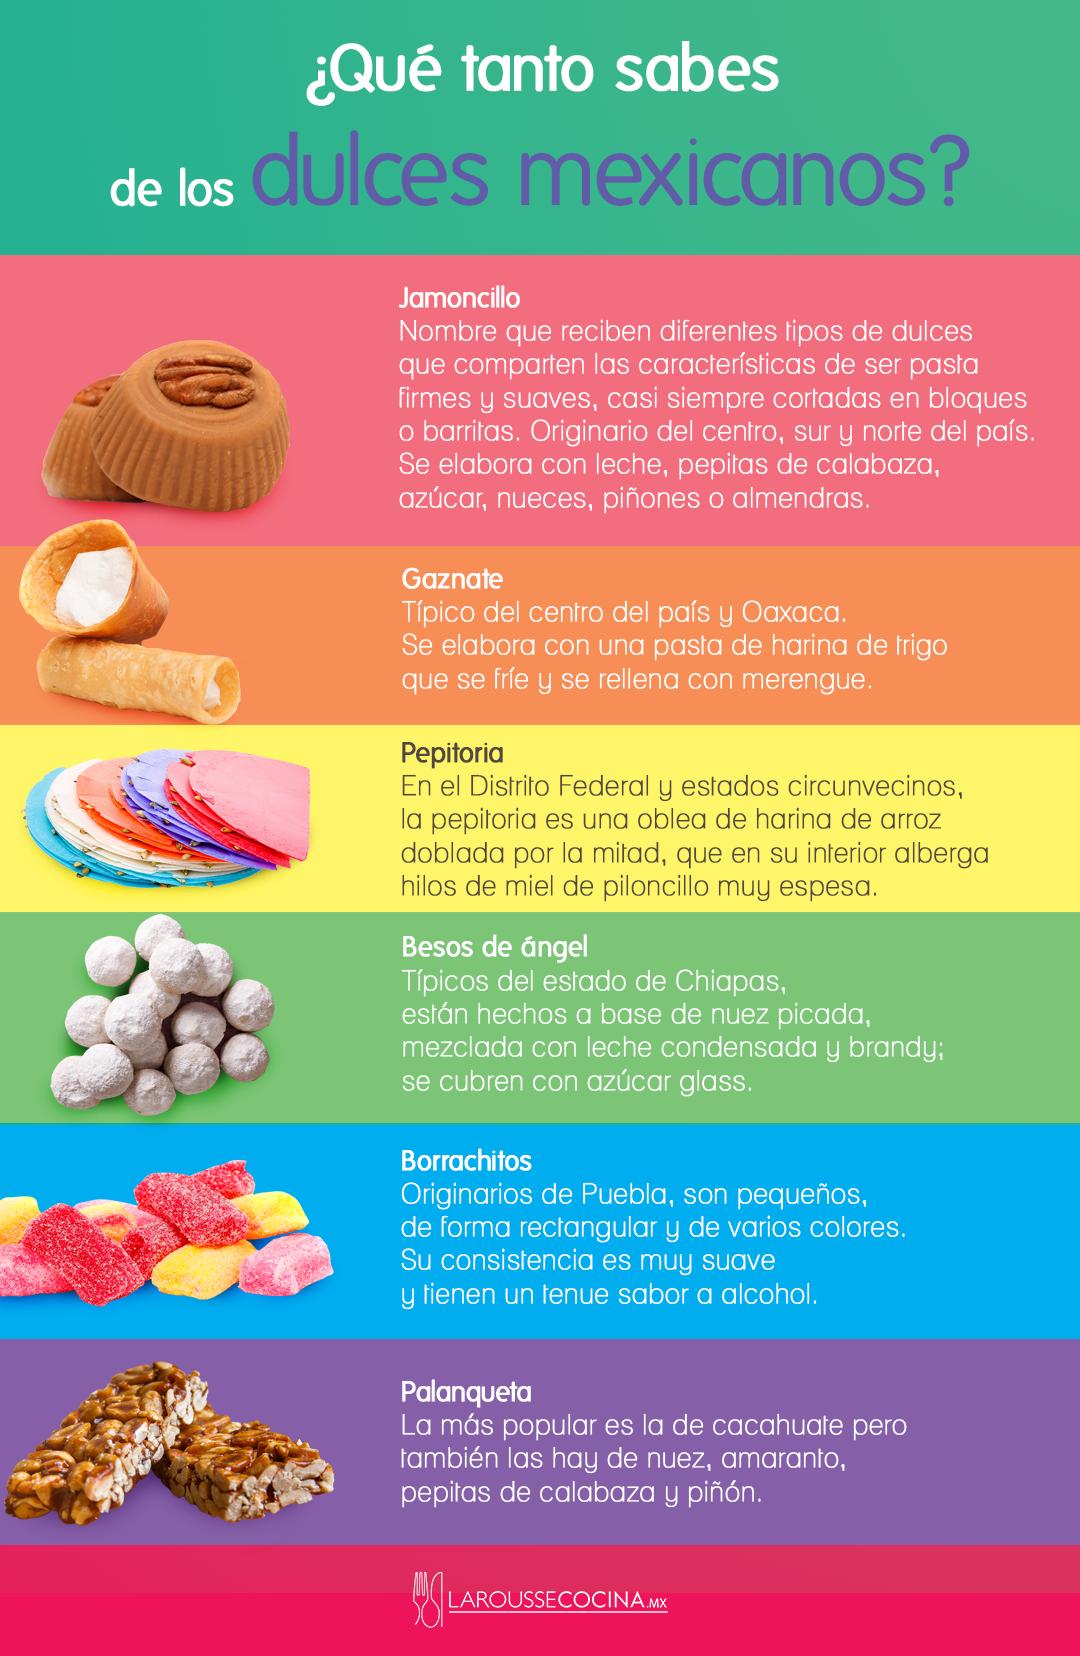 Dulces Mexicanos Dulces Mexicanos Auténticos Comidas Mexicanas Recetas De Comida Mexicana